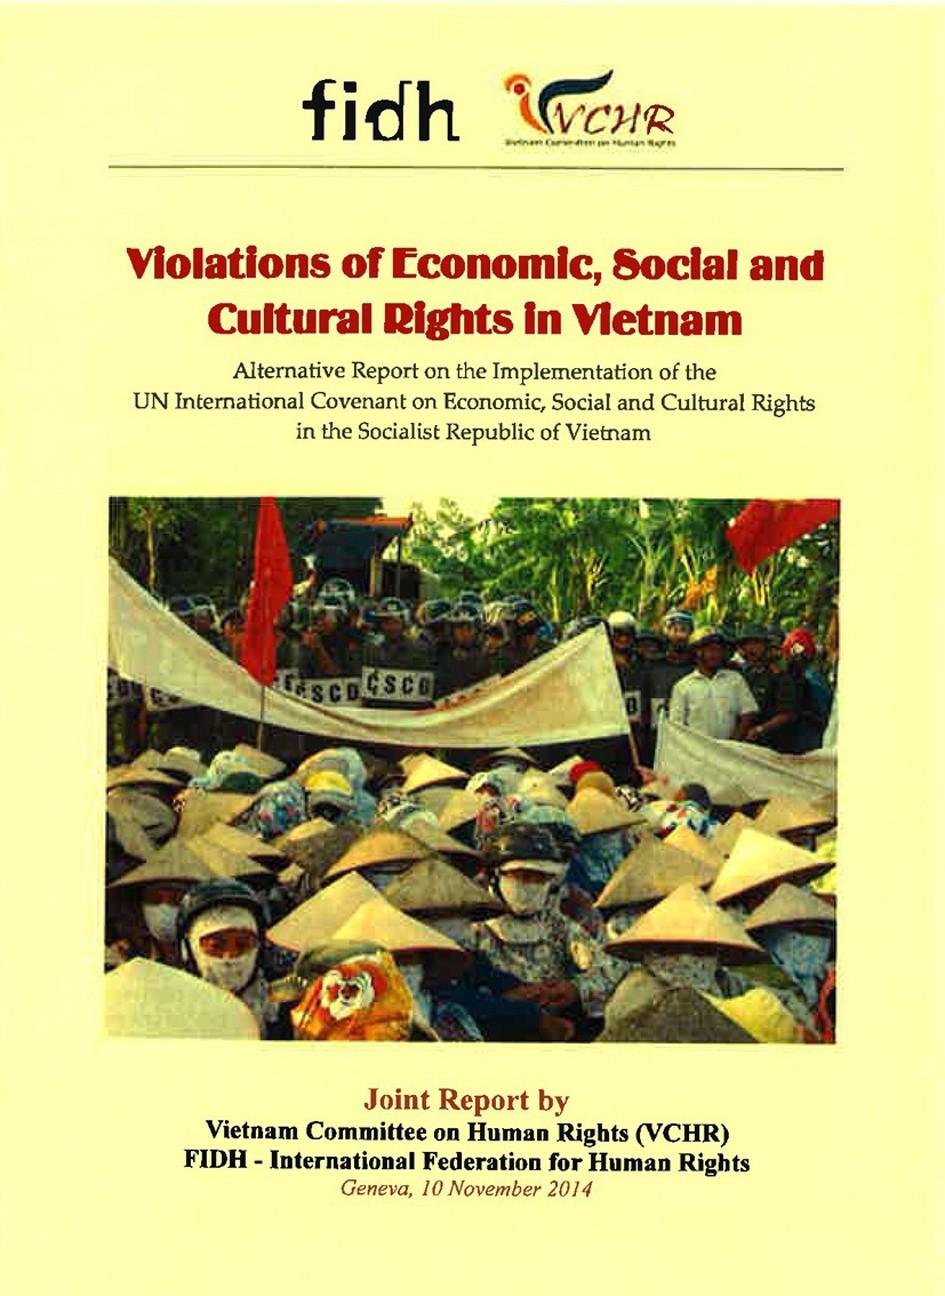 Bản Báo cáo chung, tiếng Anh, phản bác Phúc trình Hà Nội về vi phạm các Quyền kinh tế, xã hội và văn hoá, công bố tại LHQ Genève ngày 11.11.2014